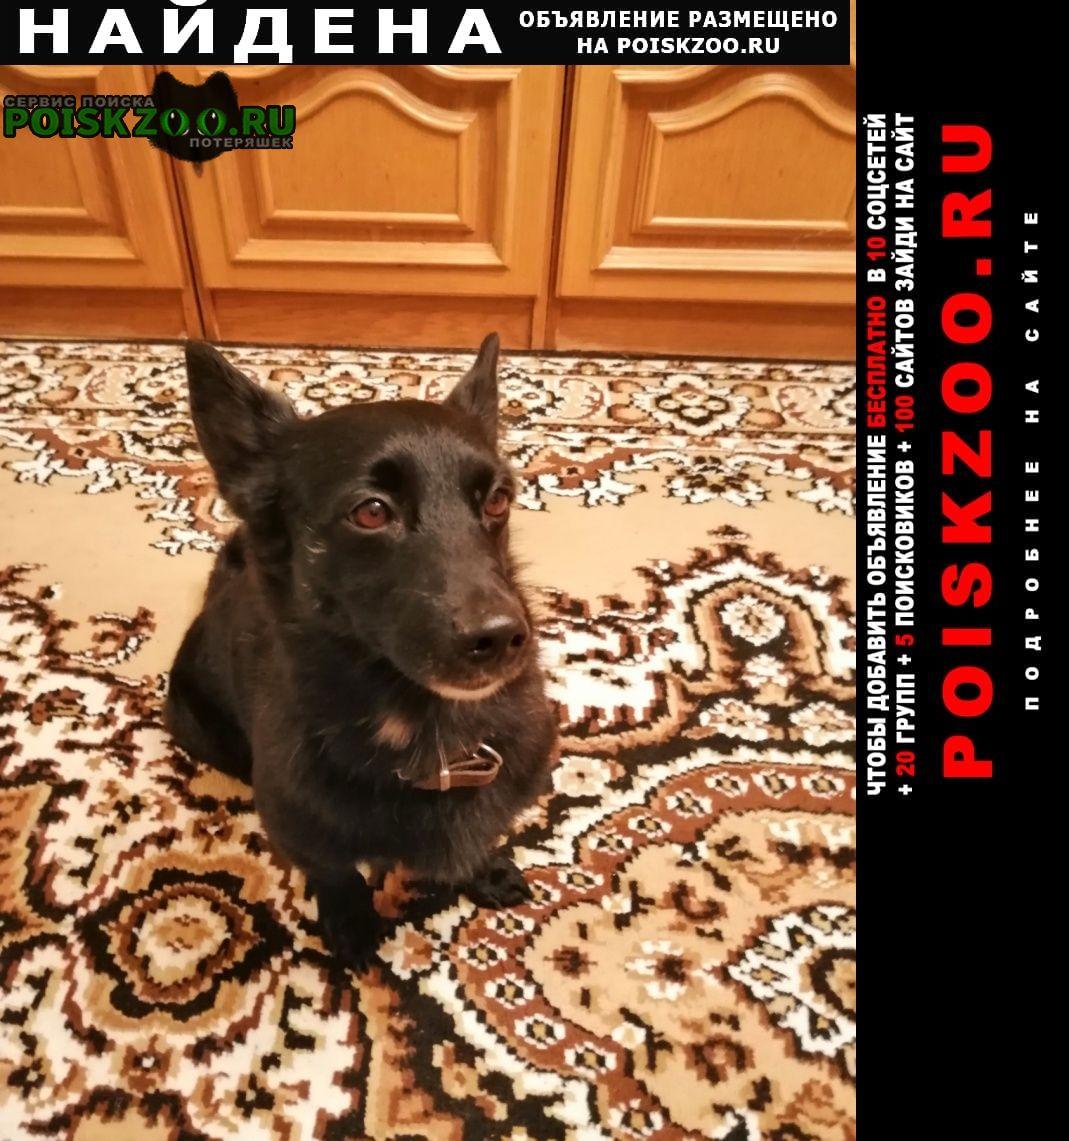 Найдена собака кобель пёс ищет хозяина Красноярск